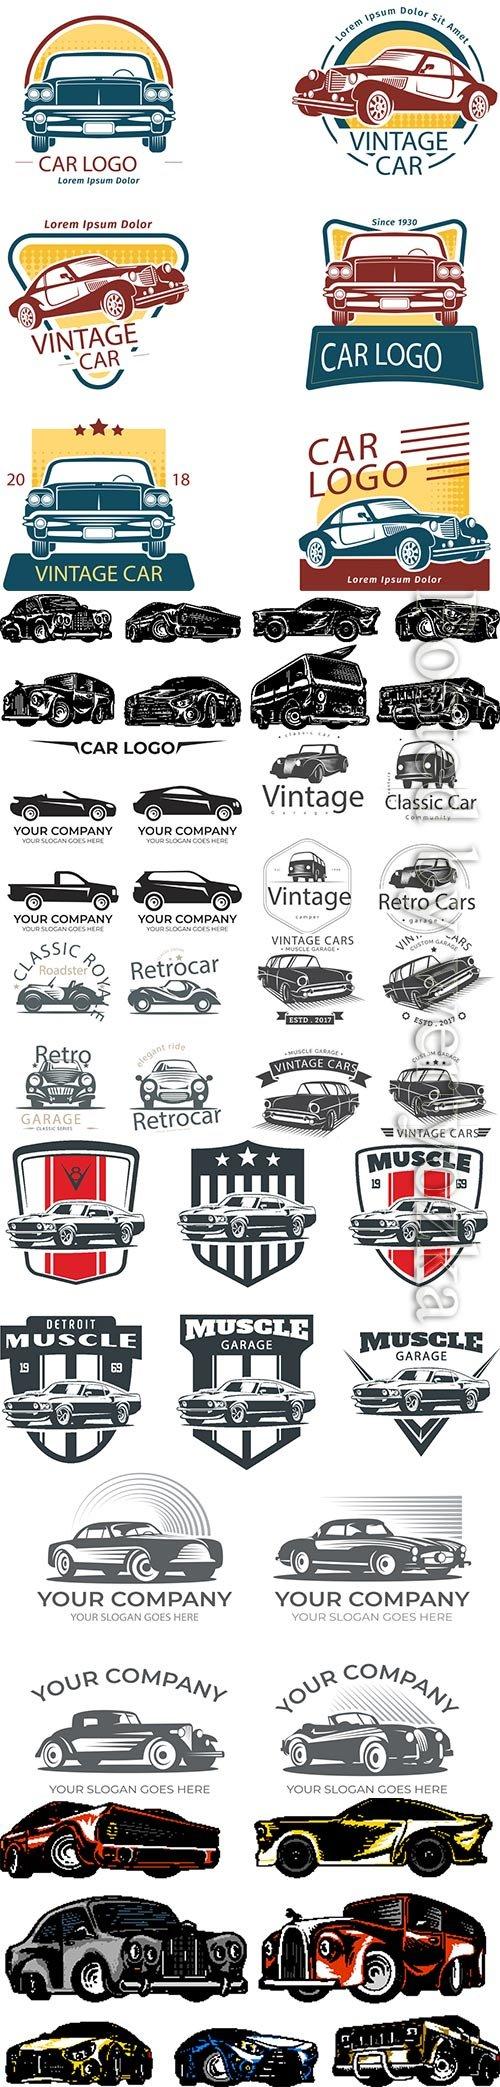 Car logo vector collection